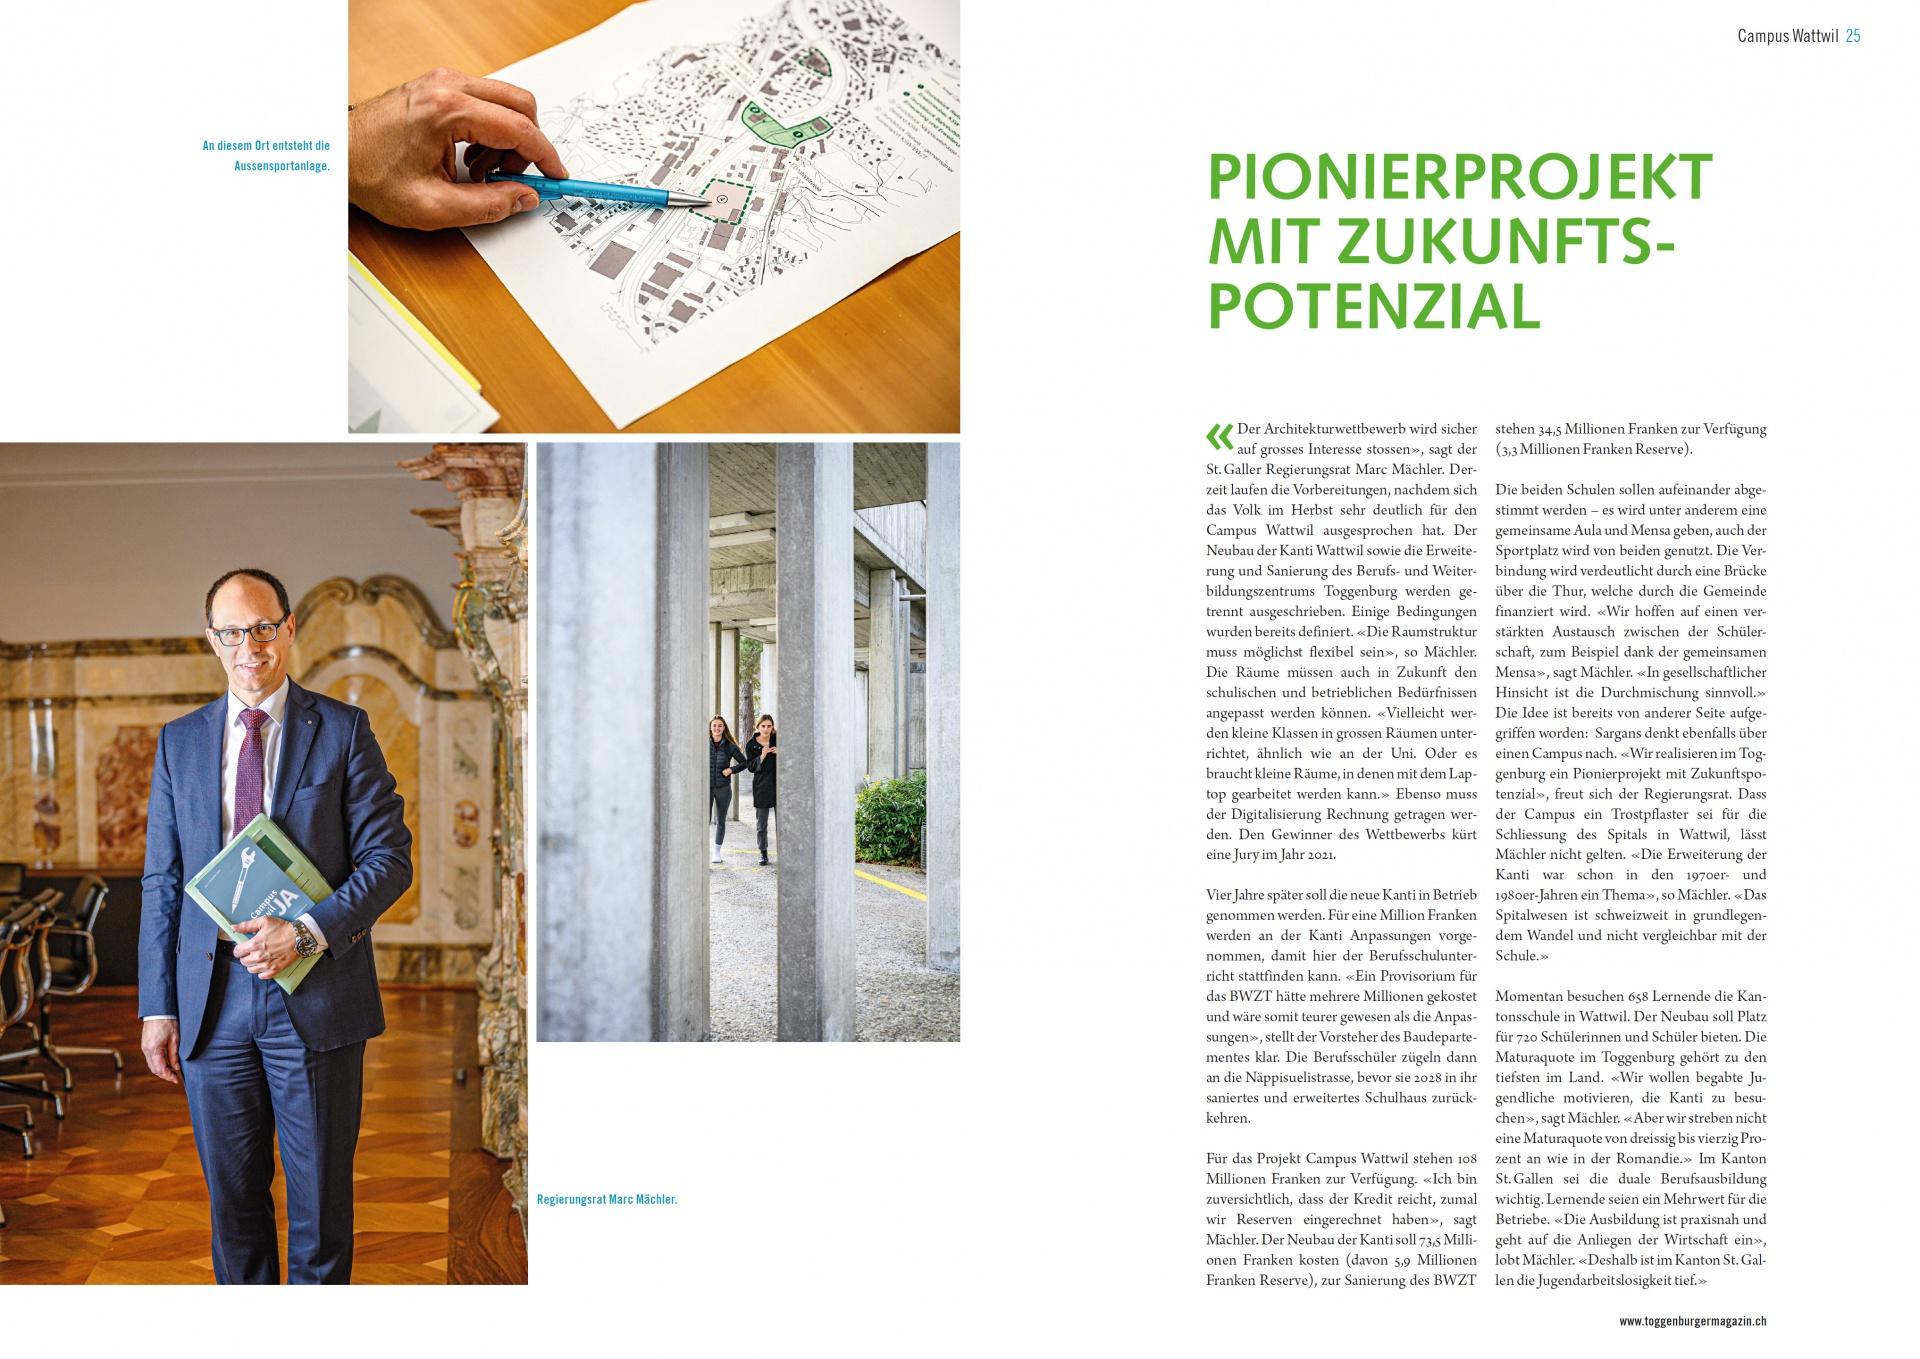 Interview Marc Mächler: Pionierprojekt mit Zukunftspotenzial (Dienstag, 14.01.2020)